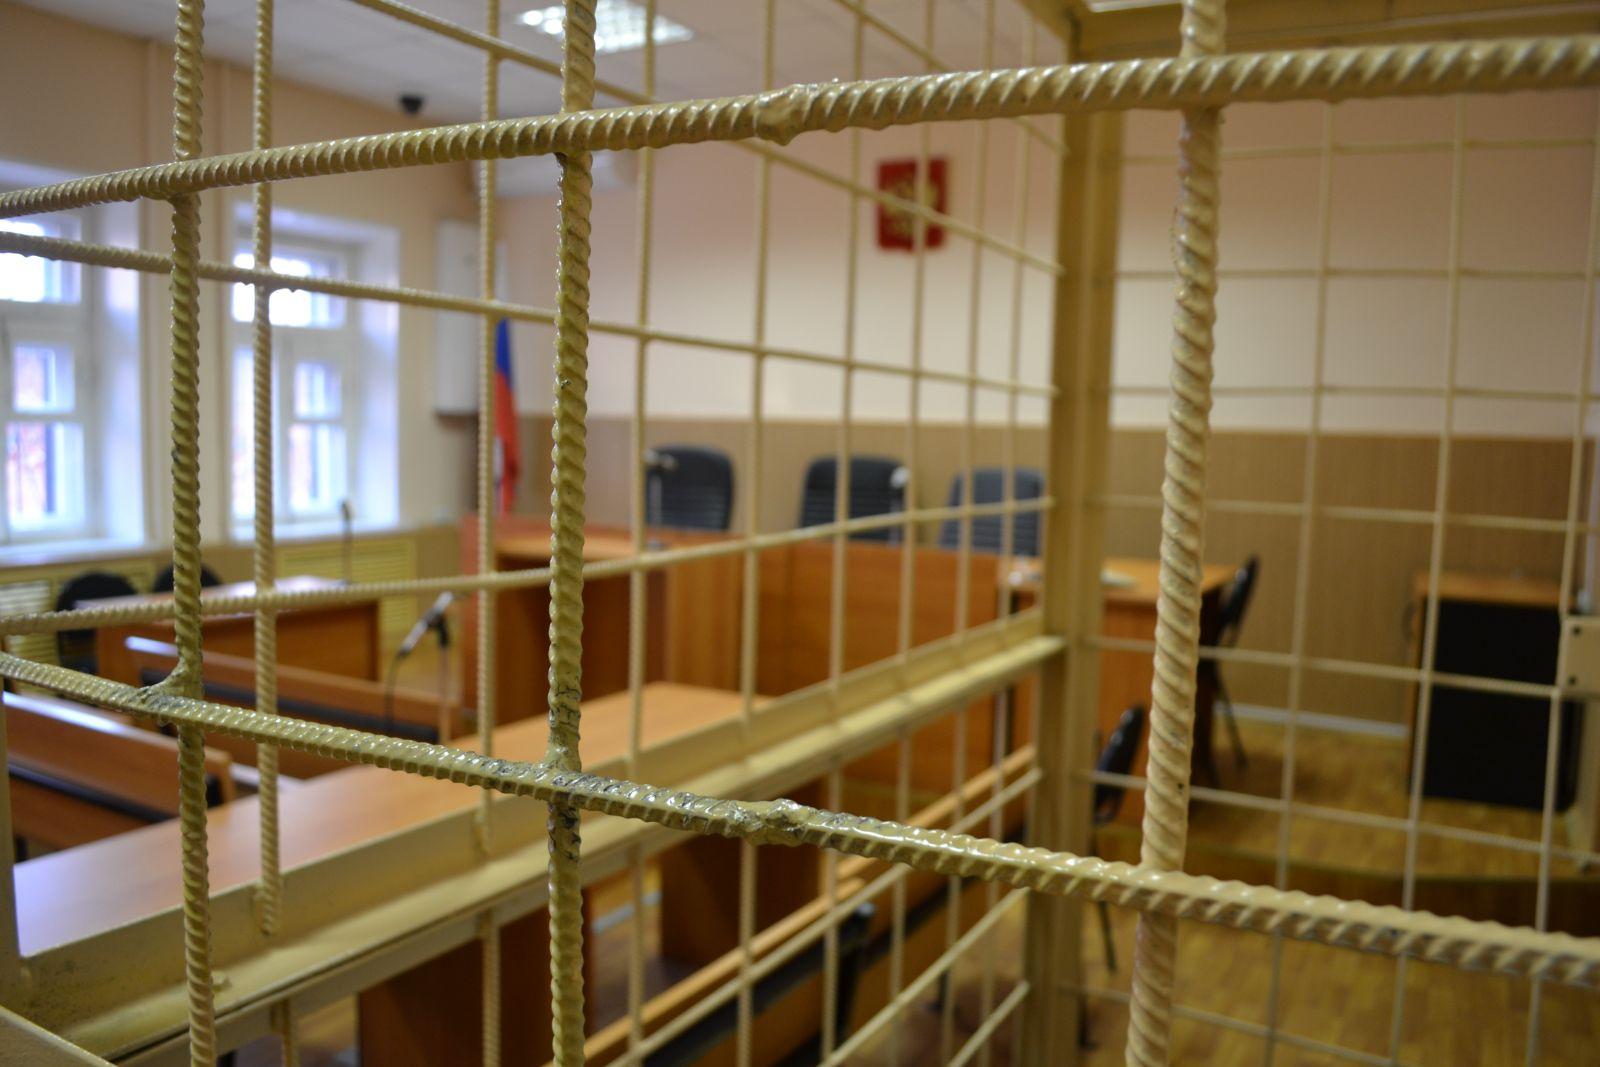 ВОренбурге осудили 57-летнего мужчину, который убил подставного руководителя нескольких компаний